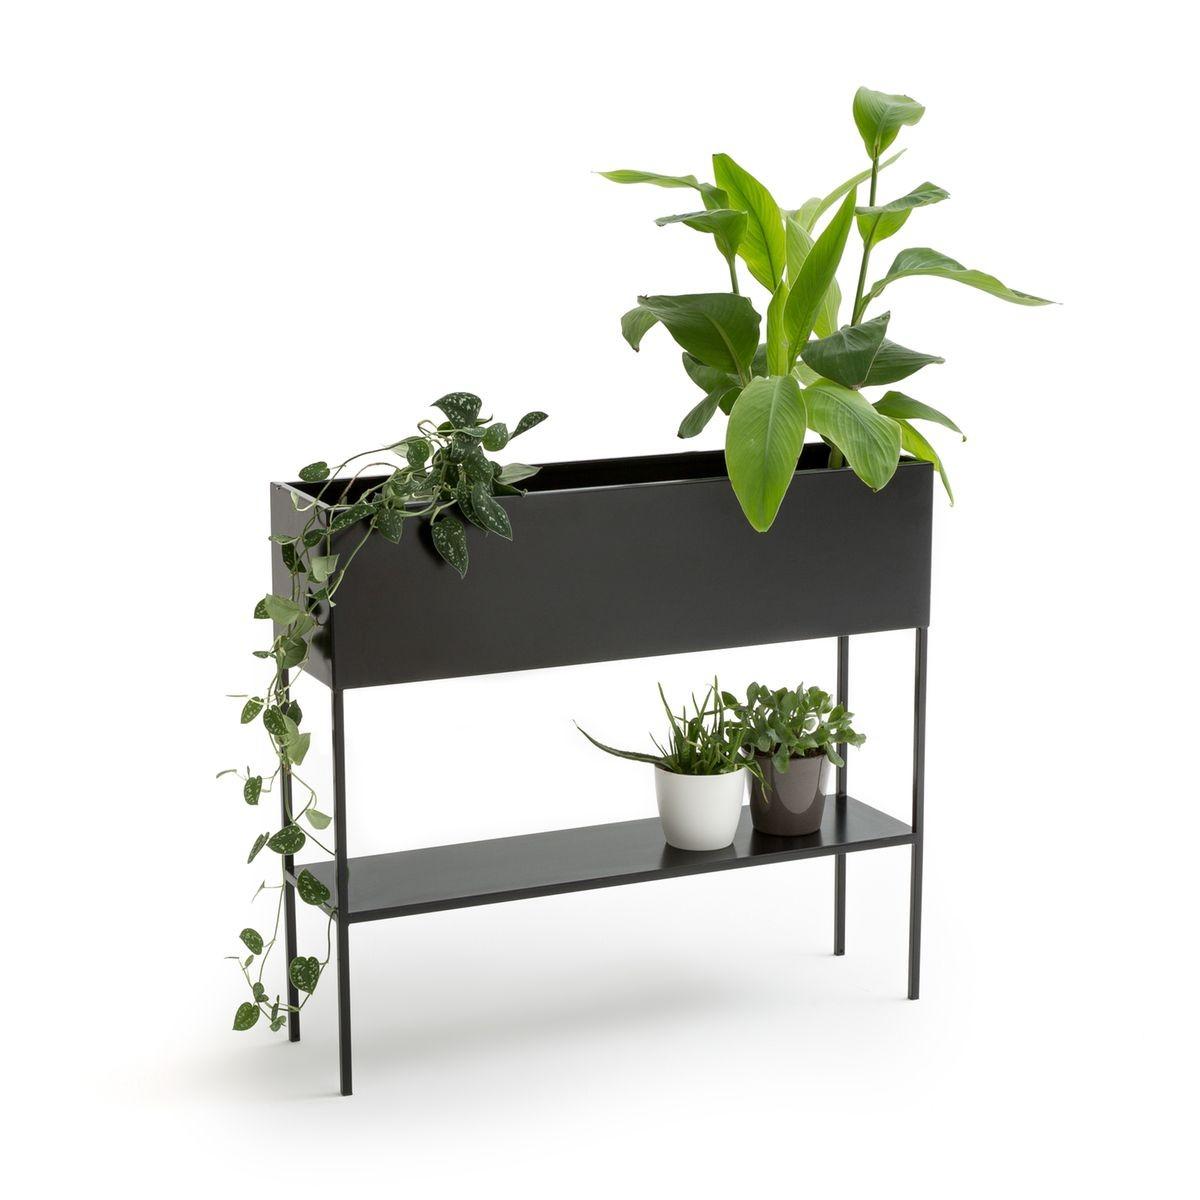 10 accessoires pour d corer votre jardin cocon de for Jardiniere interieur design